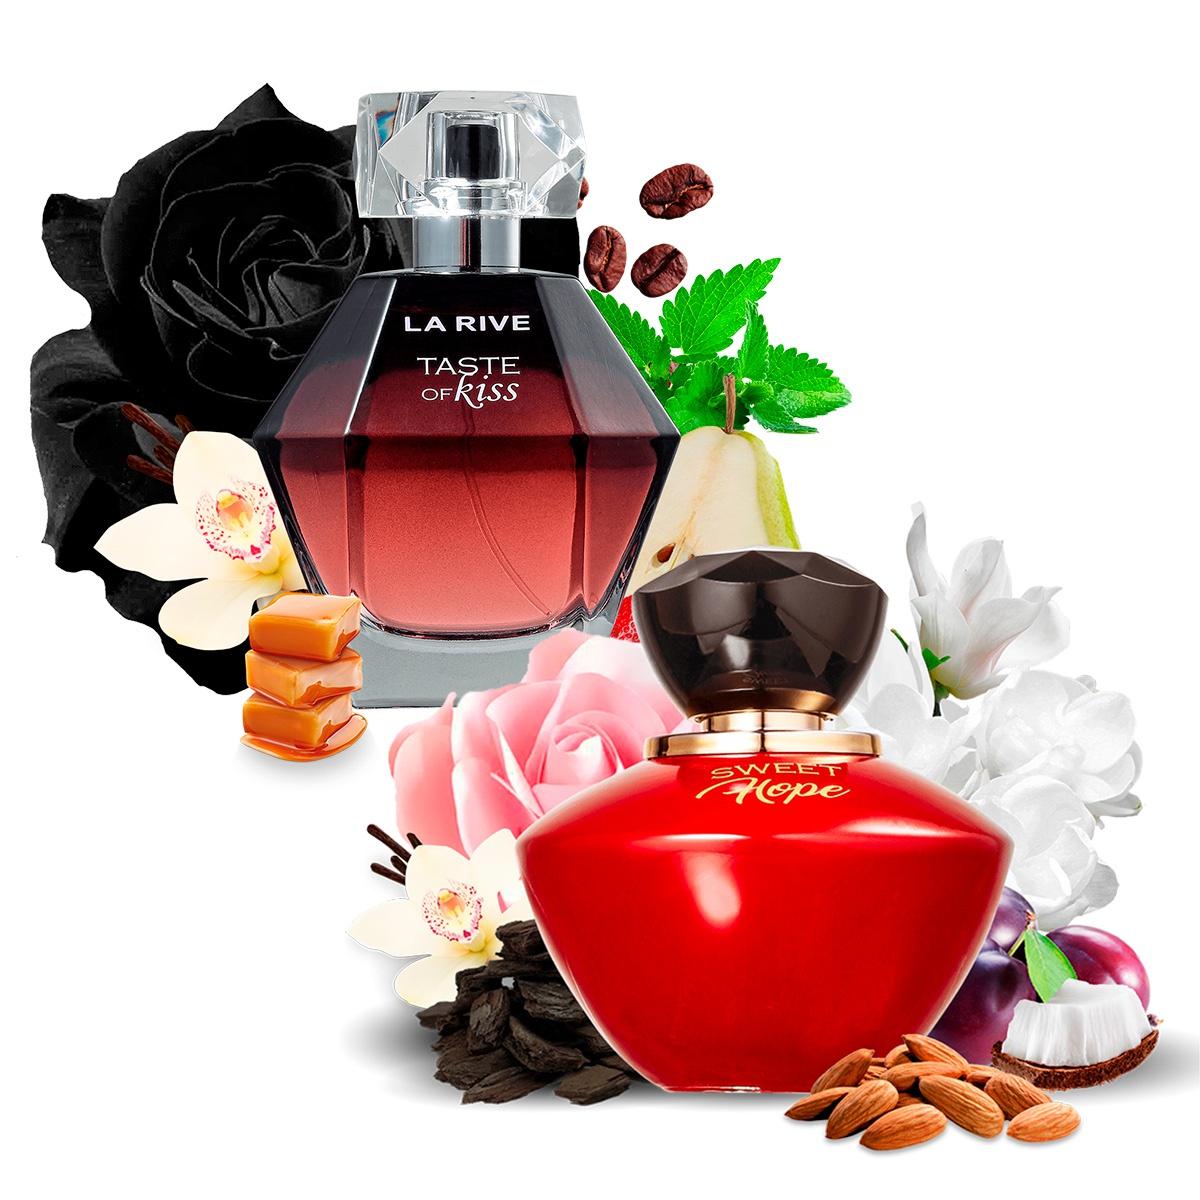 Kit 2 Perfumes Importados Sweet Hope e Taste of Kiss La Rive